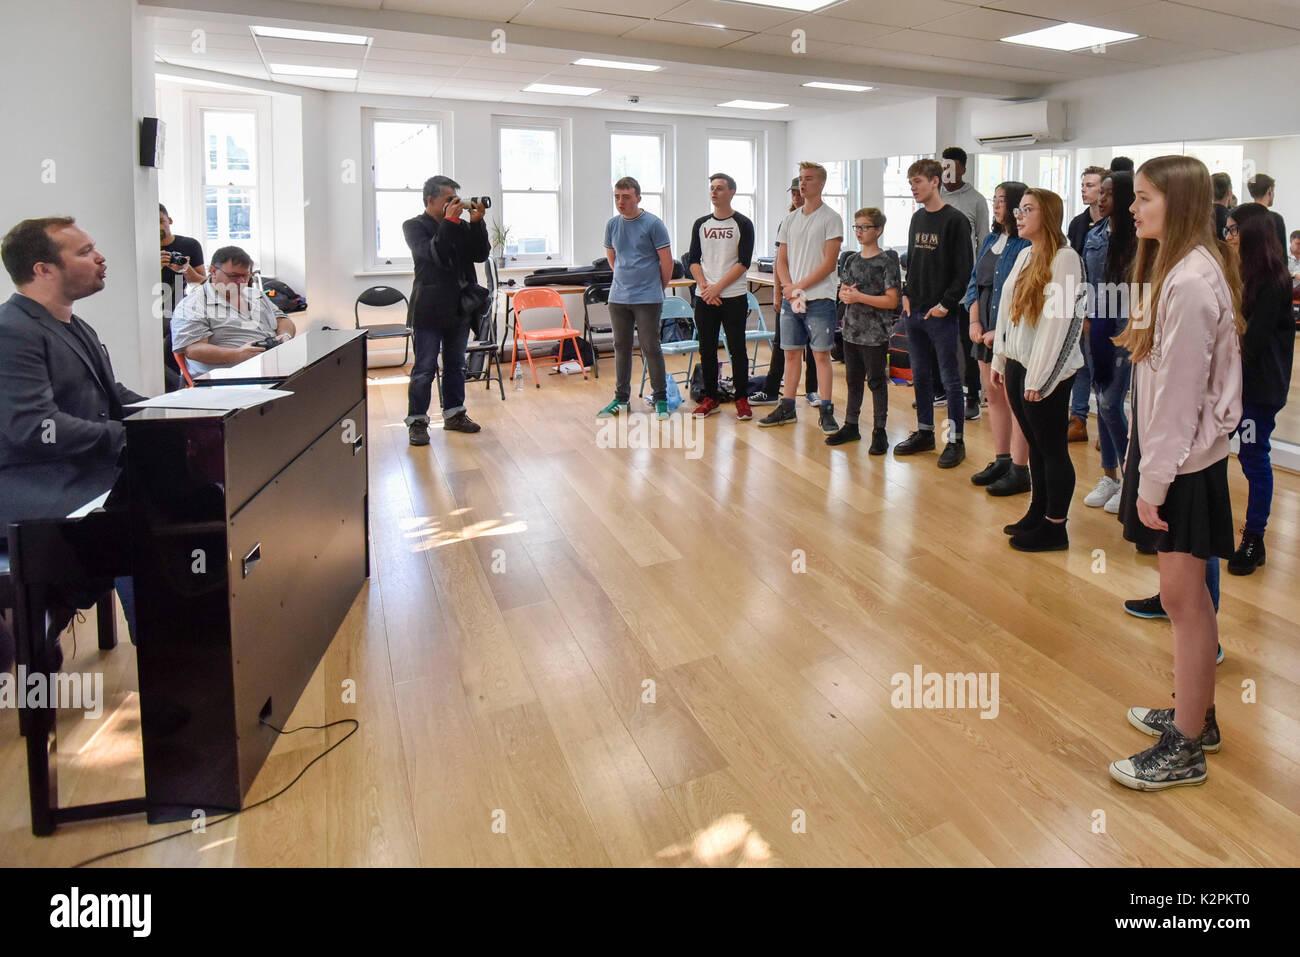 Londres, Royaume-Uni. 31 août 2017. Les jeunes musiciens de l'espoir d'être champion Concerts 2017 participer à un boot camp avec des experts de l'industrie à music studios à l'extrémité ouest de l'avant de leurs prochains concerts Grand Final à Westfield London. Concerts est le maire de Londres aux spectacles annuels concours pour jeunes auteurs-compositeurs et interprètes âgés de 11 à 25 ans. Crédit: Stephen Chung / Alamy Live News Banque D'Images